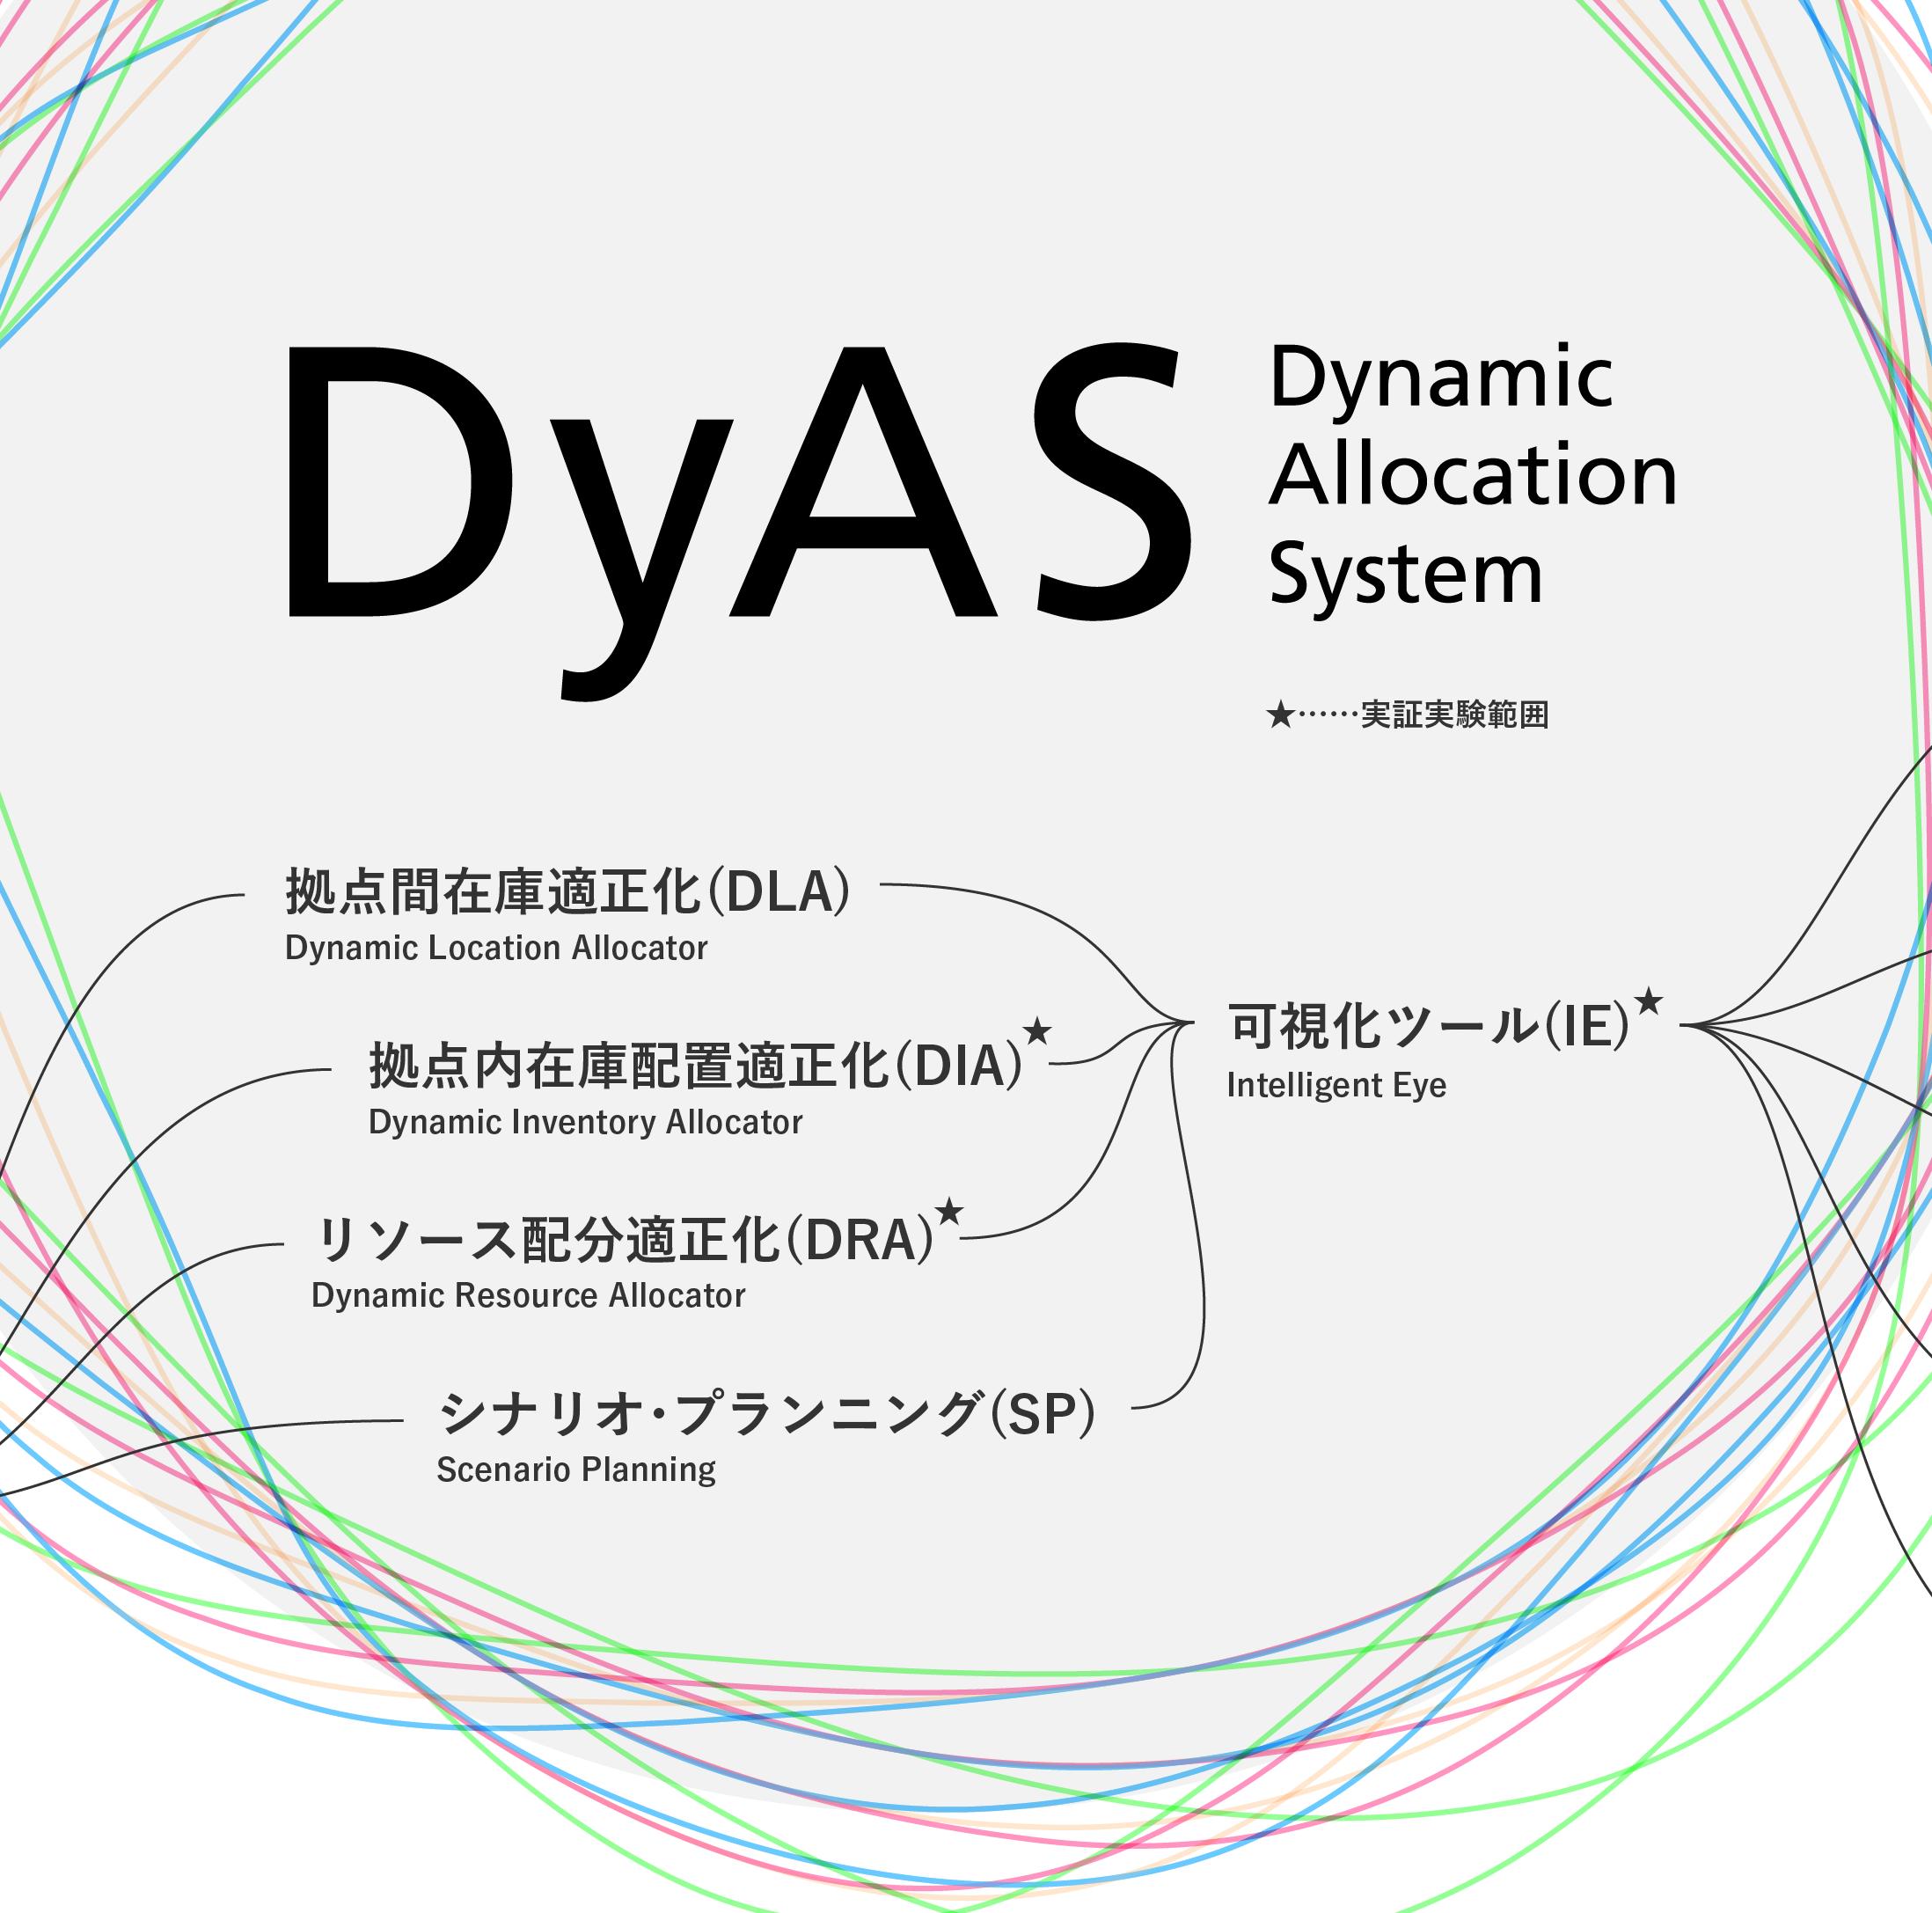 NEDOの助成事業「AIシステム共同開発支援事業」に採択され、 GROUNDが自社開発するAI物流ソフトウェア『DyAS(ディアス)®』を トラスコ中山と共に物流現場での実証実験へ